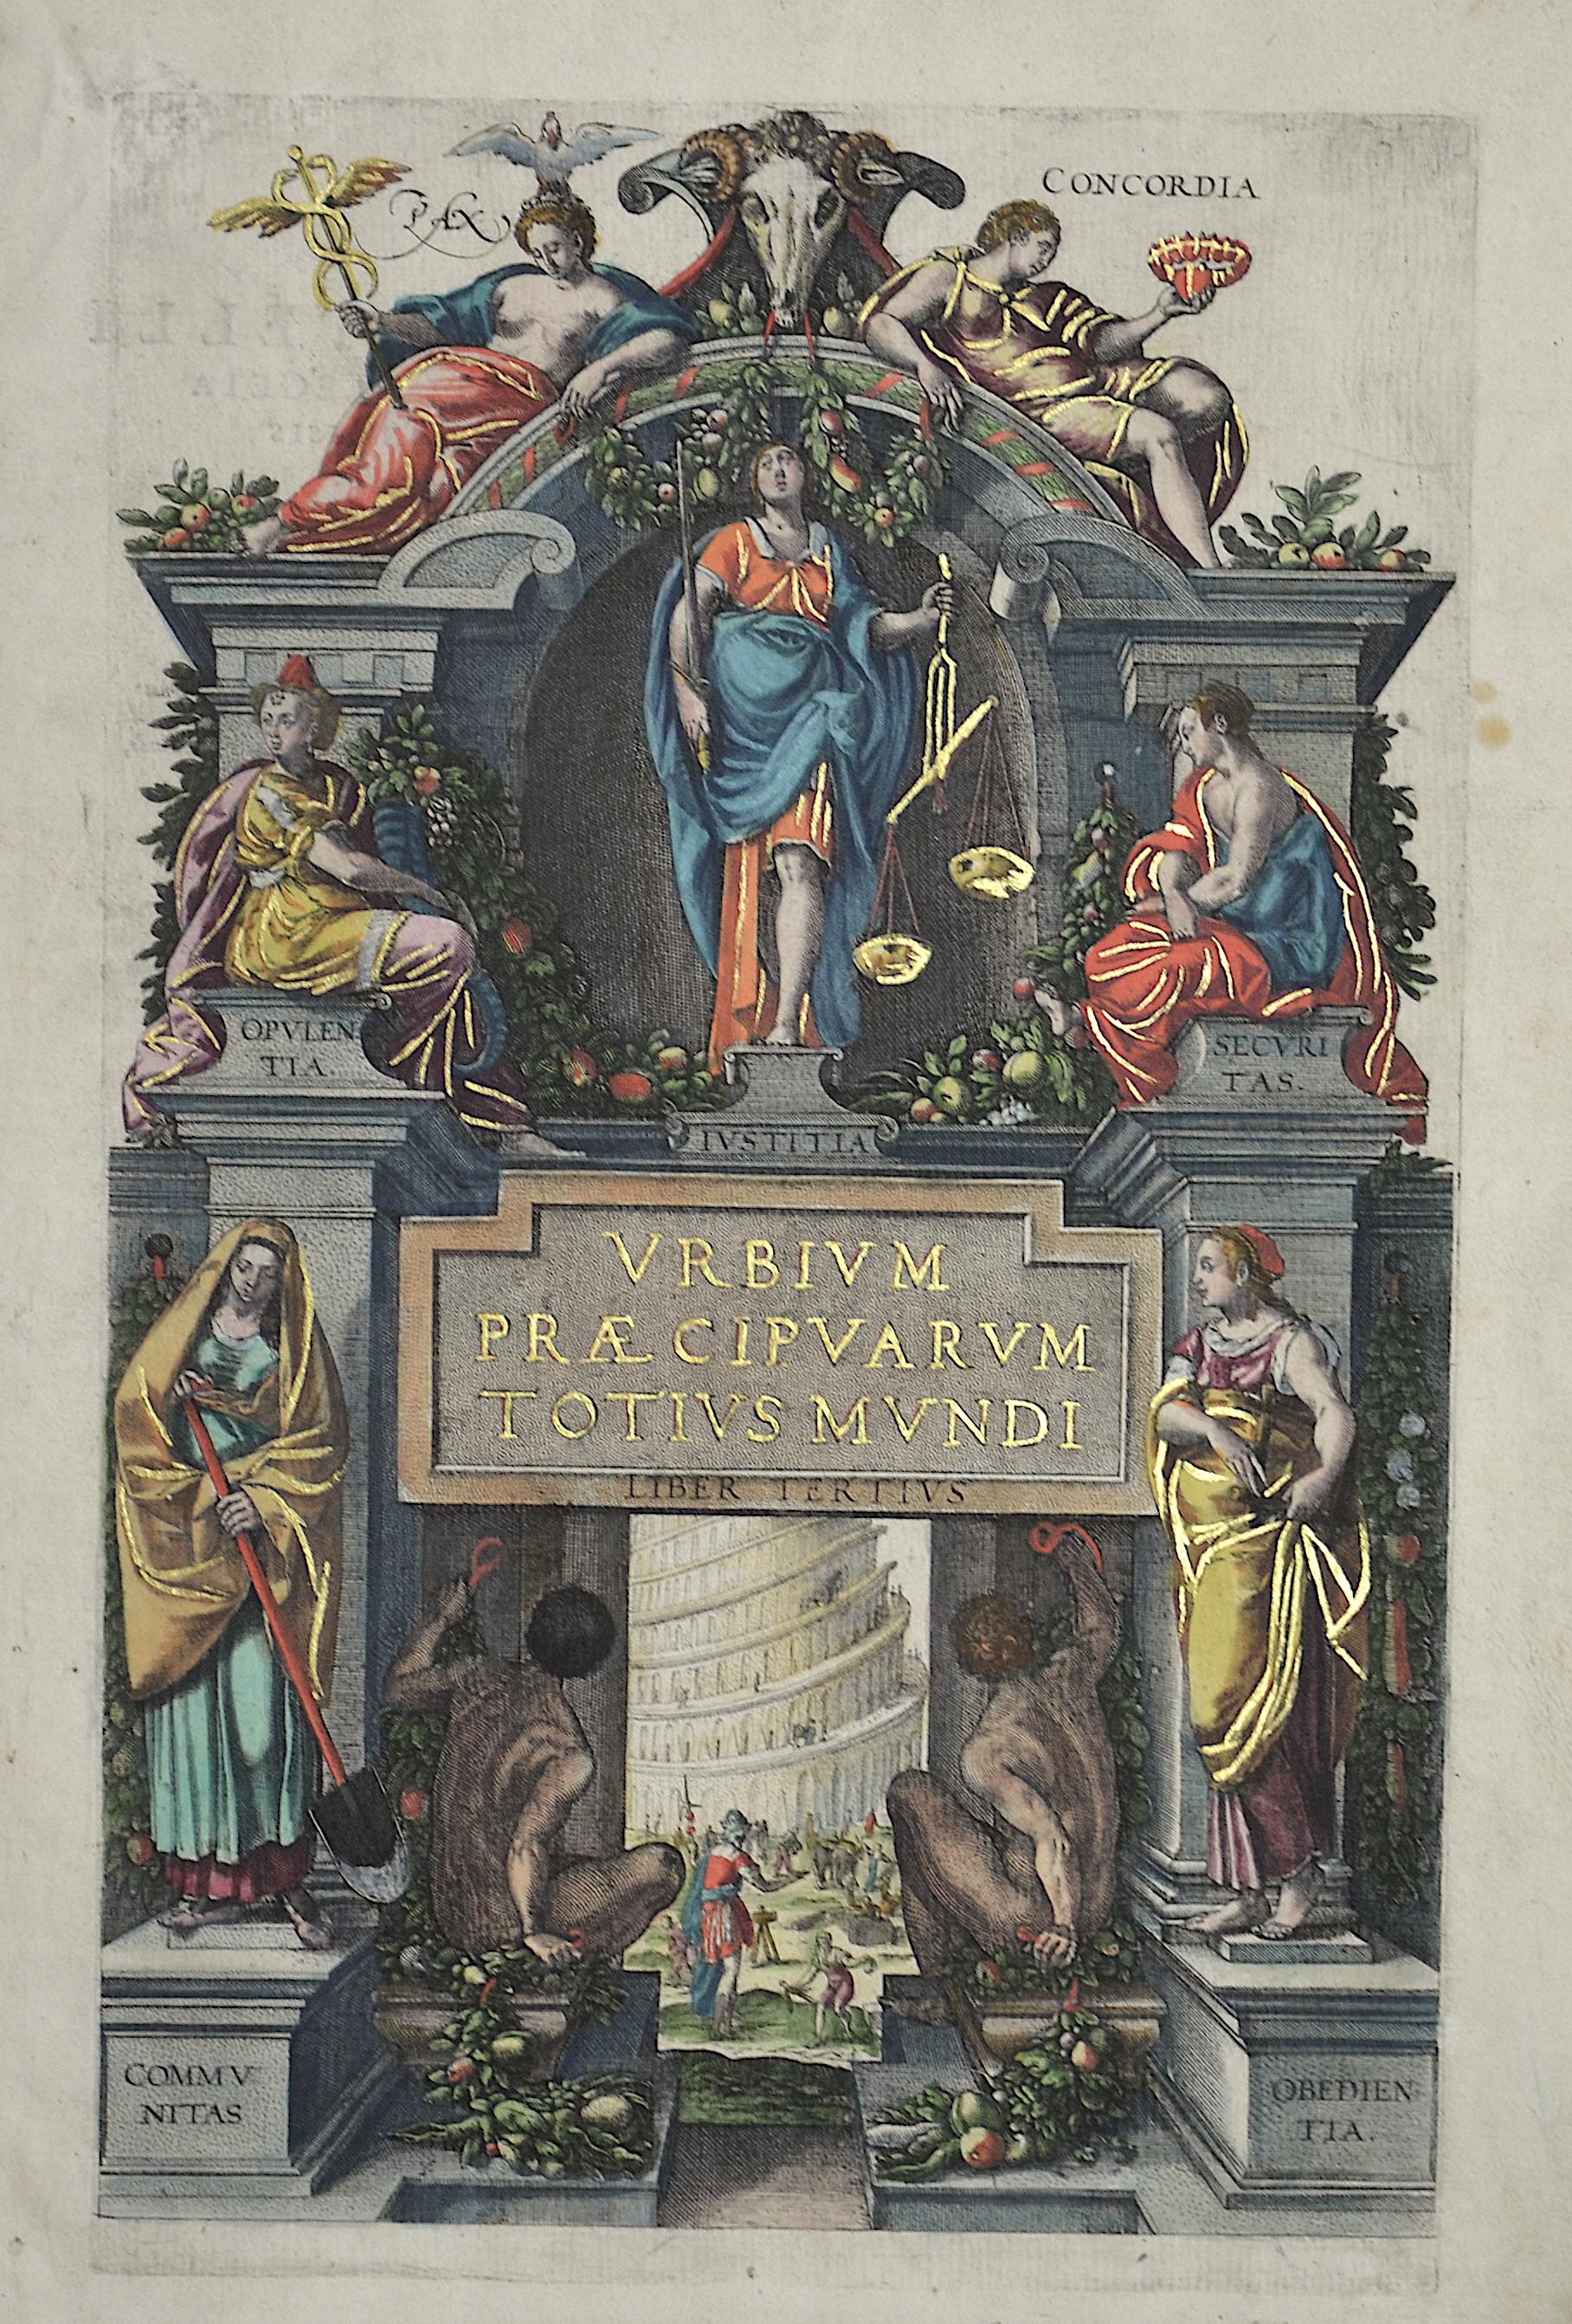 Braun/Hogenberg  Urbium Praecipuarum totius mundi. Liber tertius